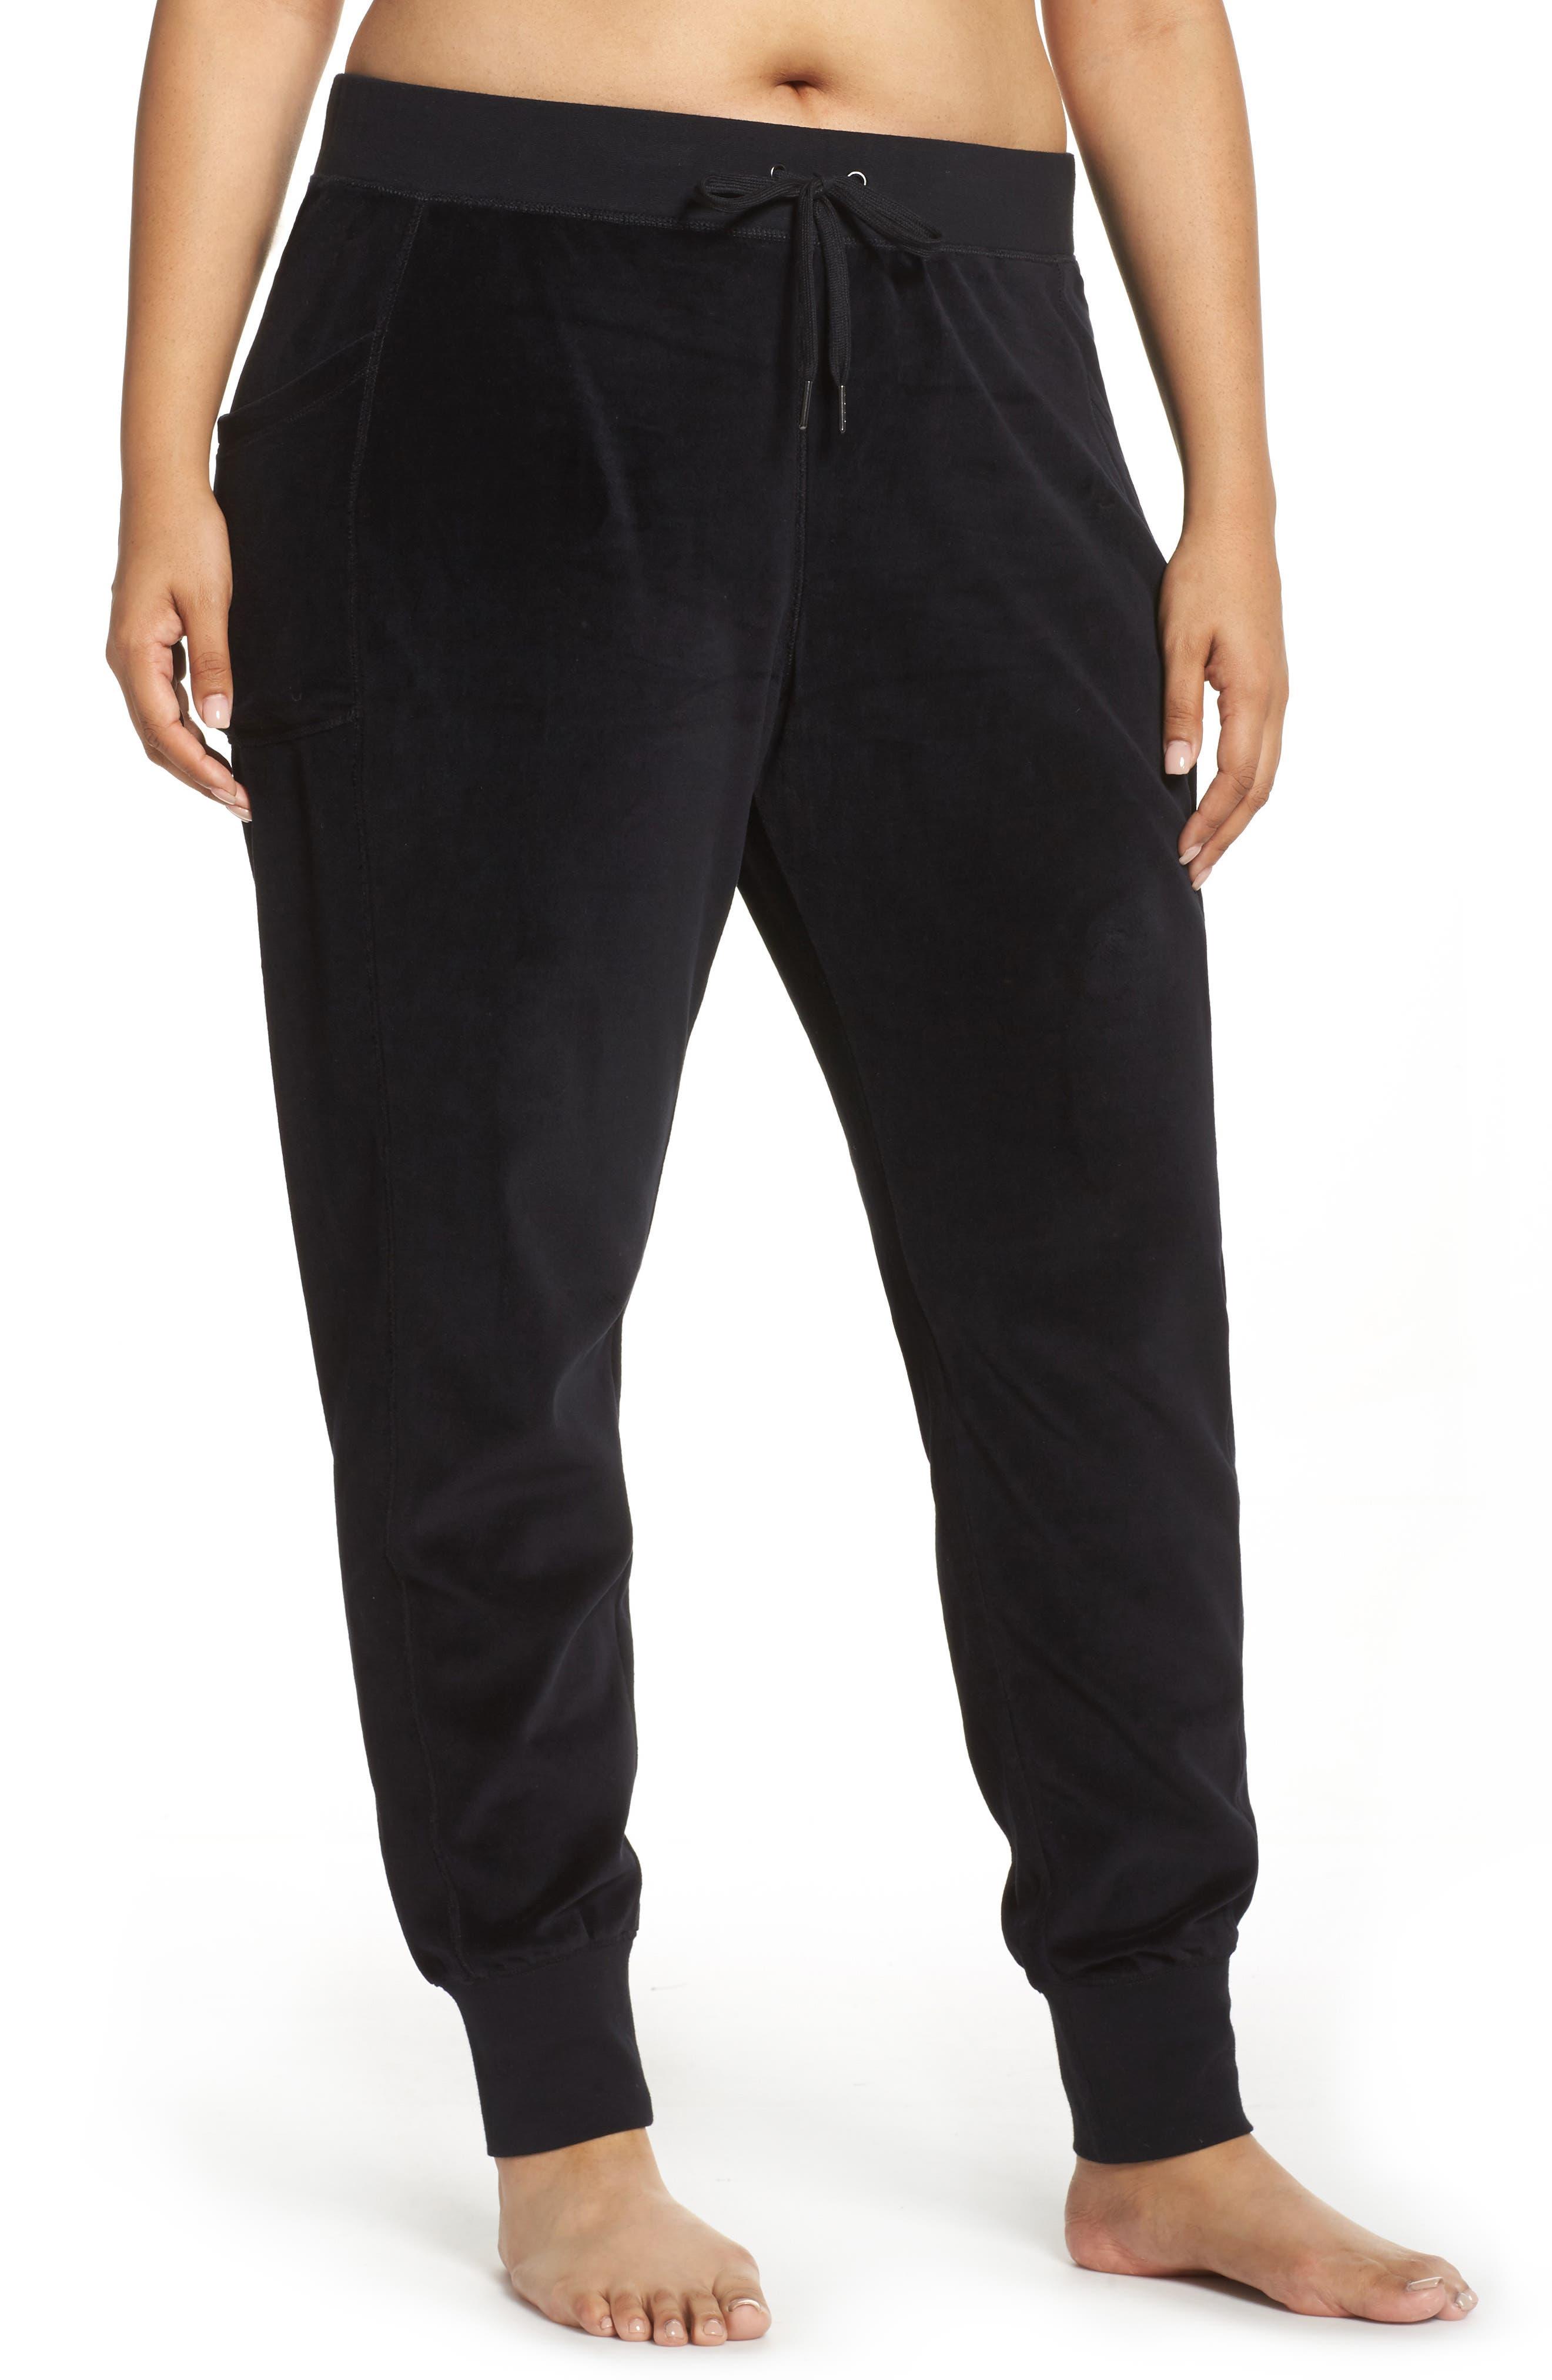 Main Image - Zella Lexi Velour Jogger Pants (Plus Size)